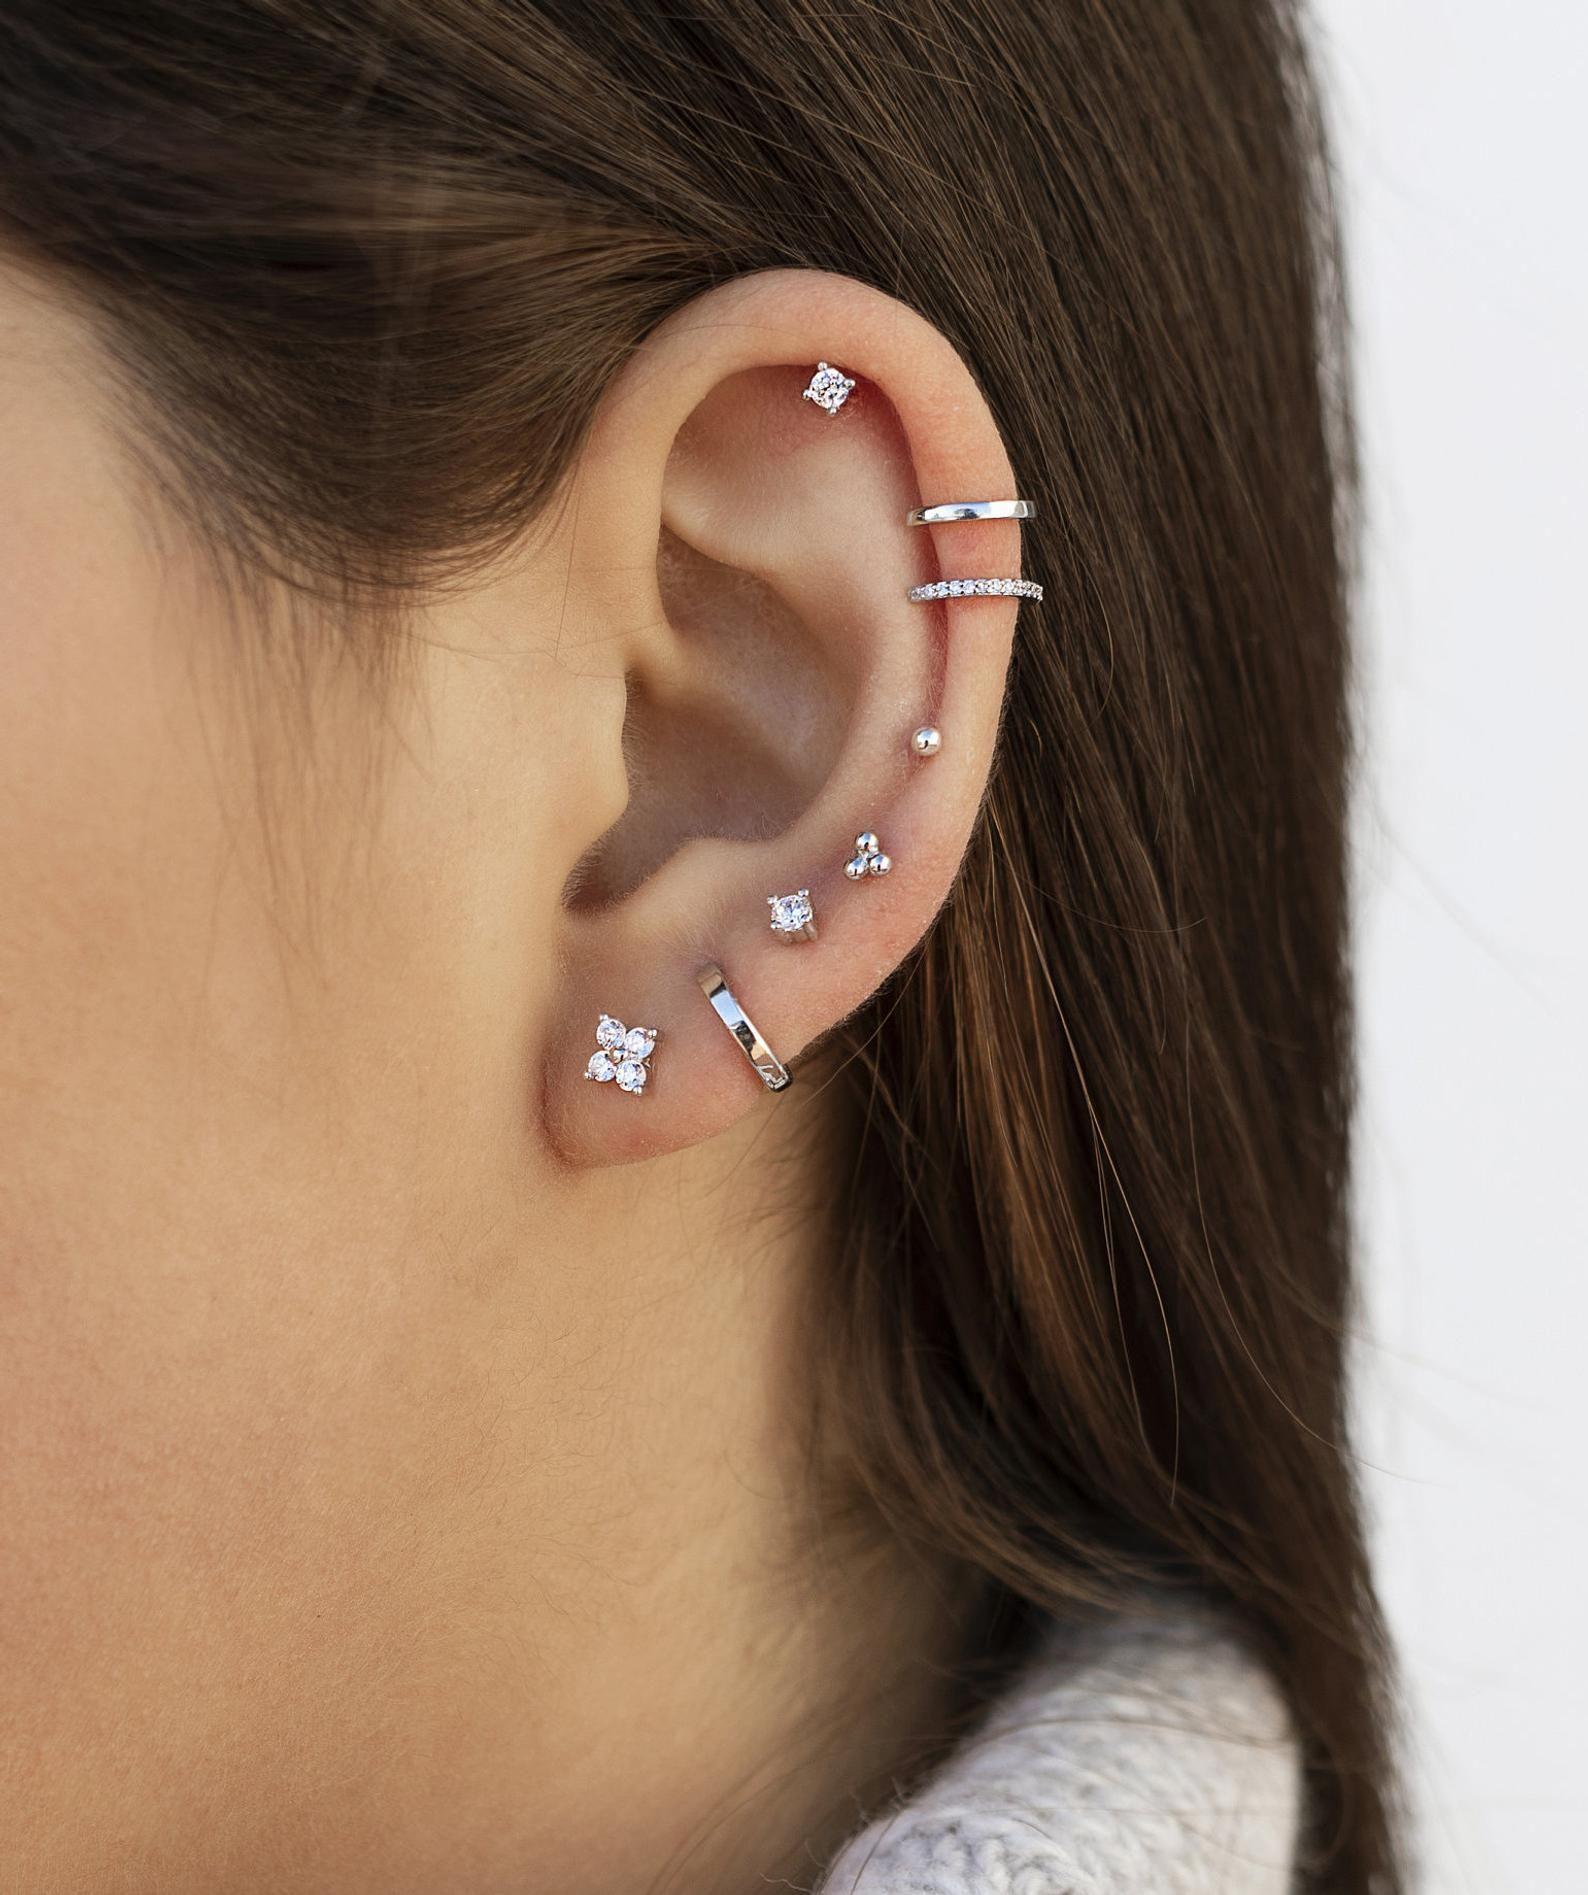 Dainty Double Band CZ Ear Cuff Earrings